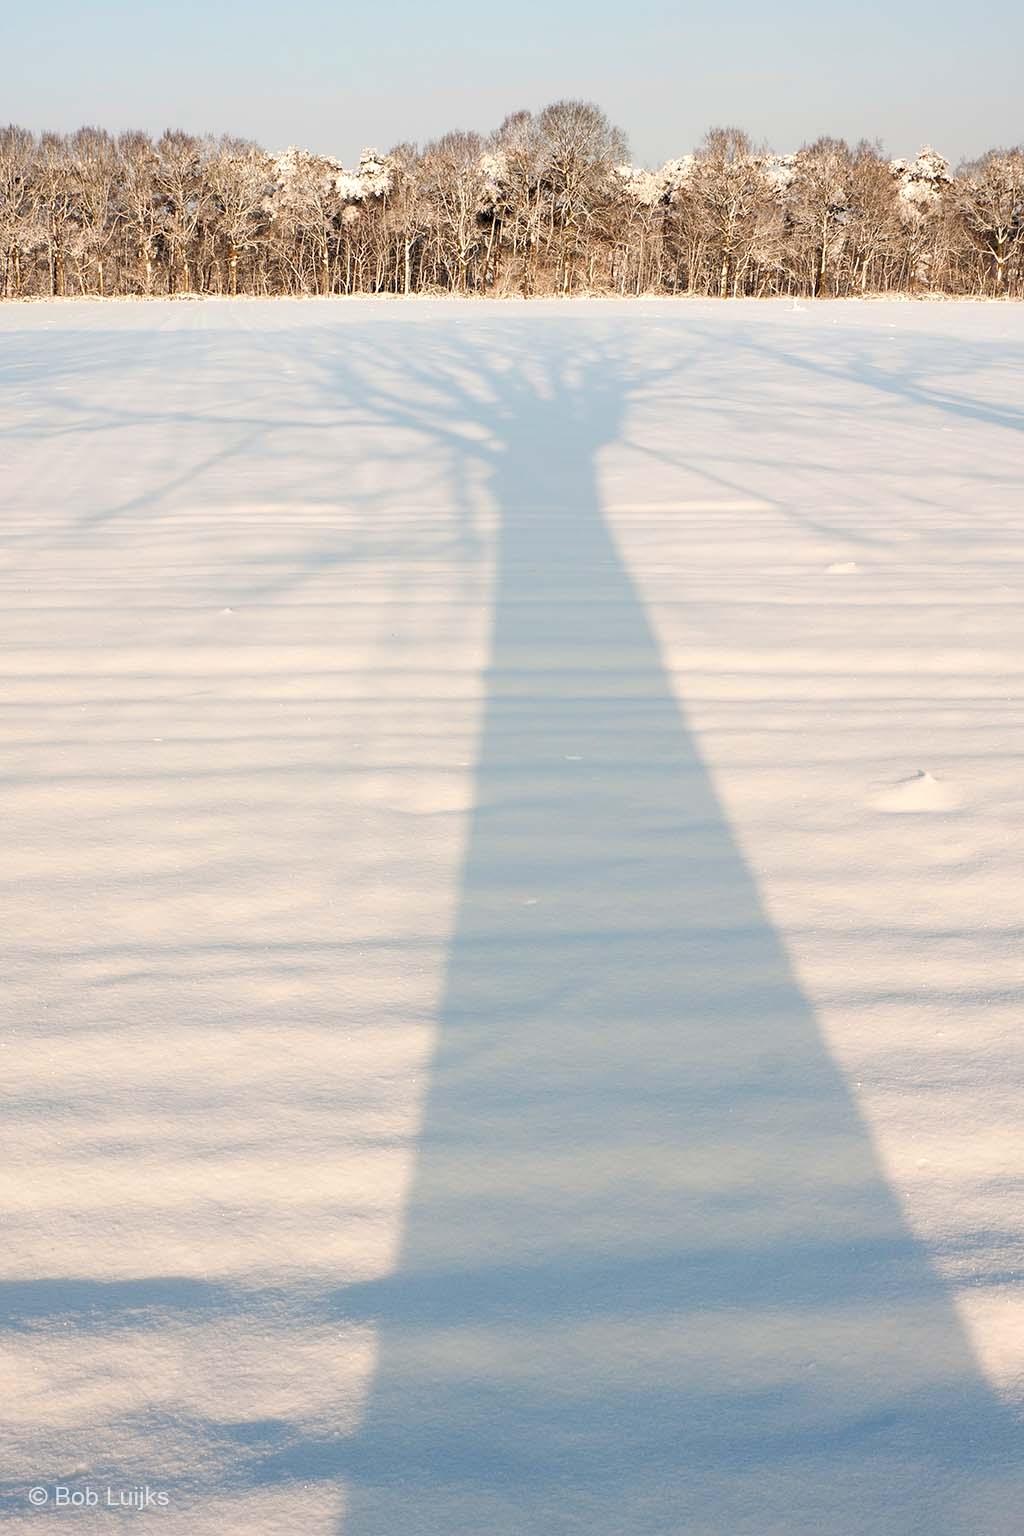 Door de laagstaande zon krijg je enorm lange schaduwen, die zich prachtig aftekenen op het sneeuwtapijt.